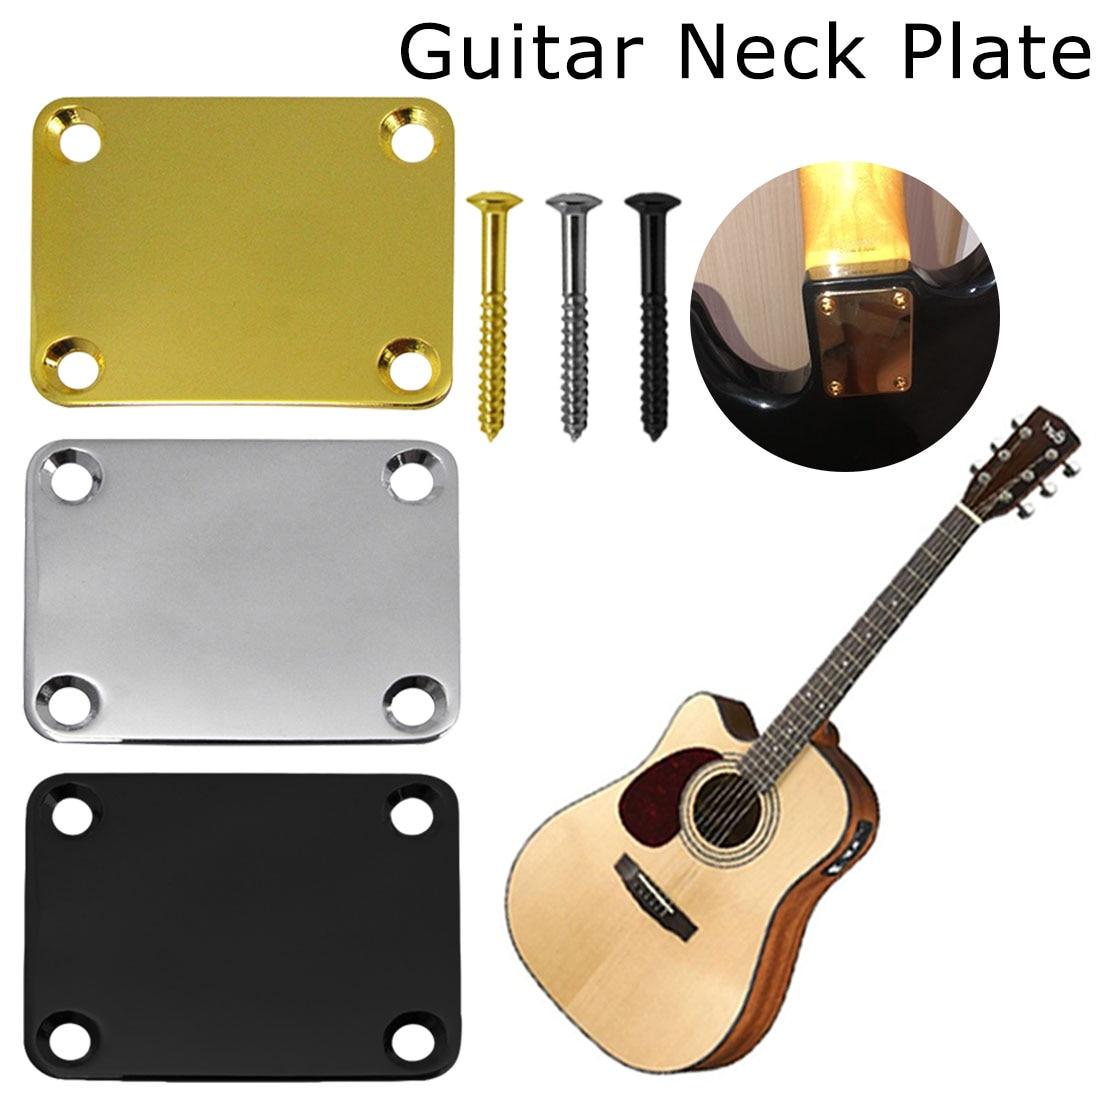 Электрогитара, Шейная пластина, Шейная пластина, фиксатор, Теле гитара, шейный шарнир, плата с 4 винтами, аксессуары для гитары|Детали и аксессуары для гитар|   | АлиЭкспресс